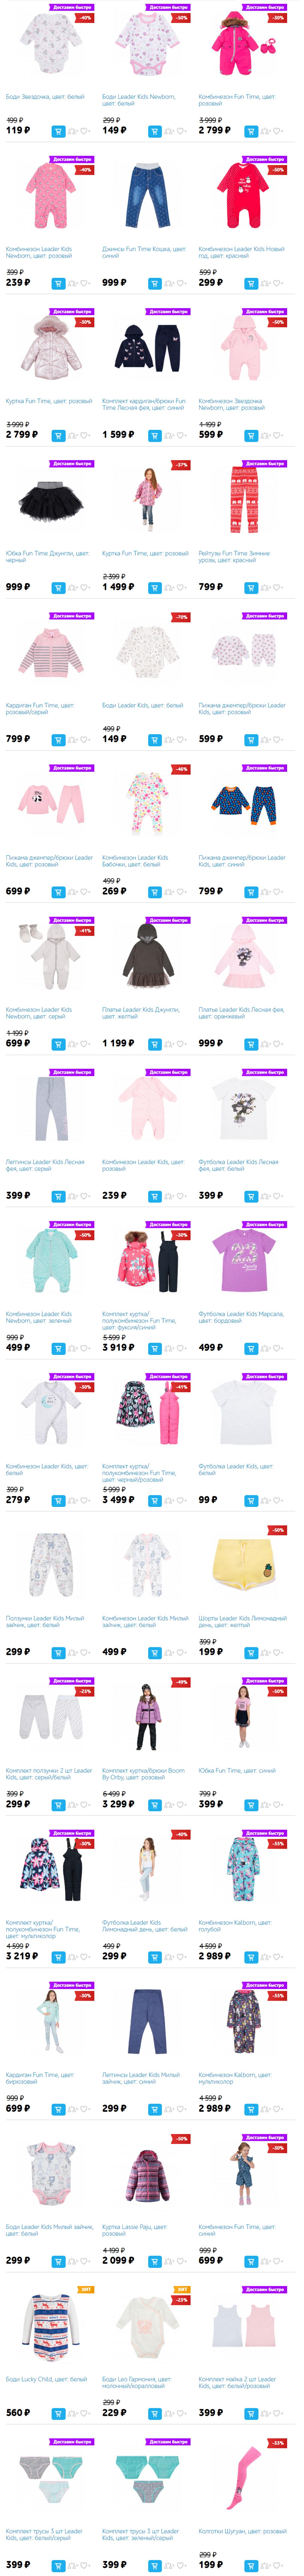 Детская одежда для девочек в каталоге Дочки-Сыночки Бирск